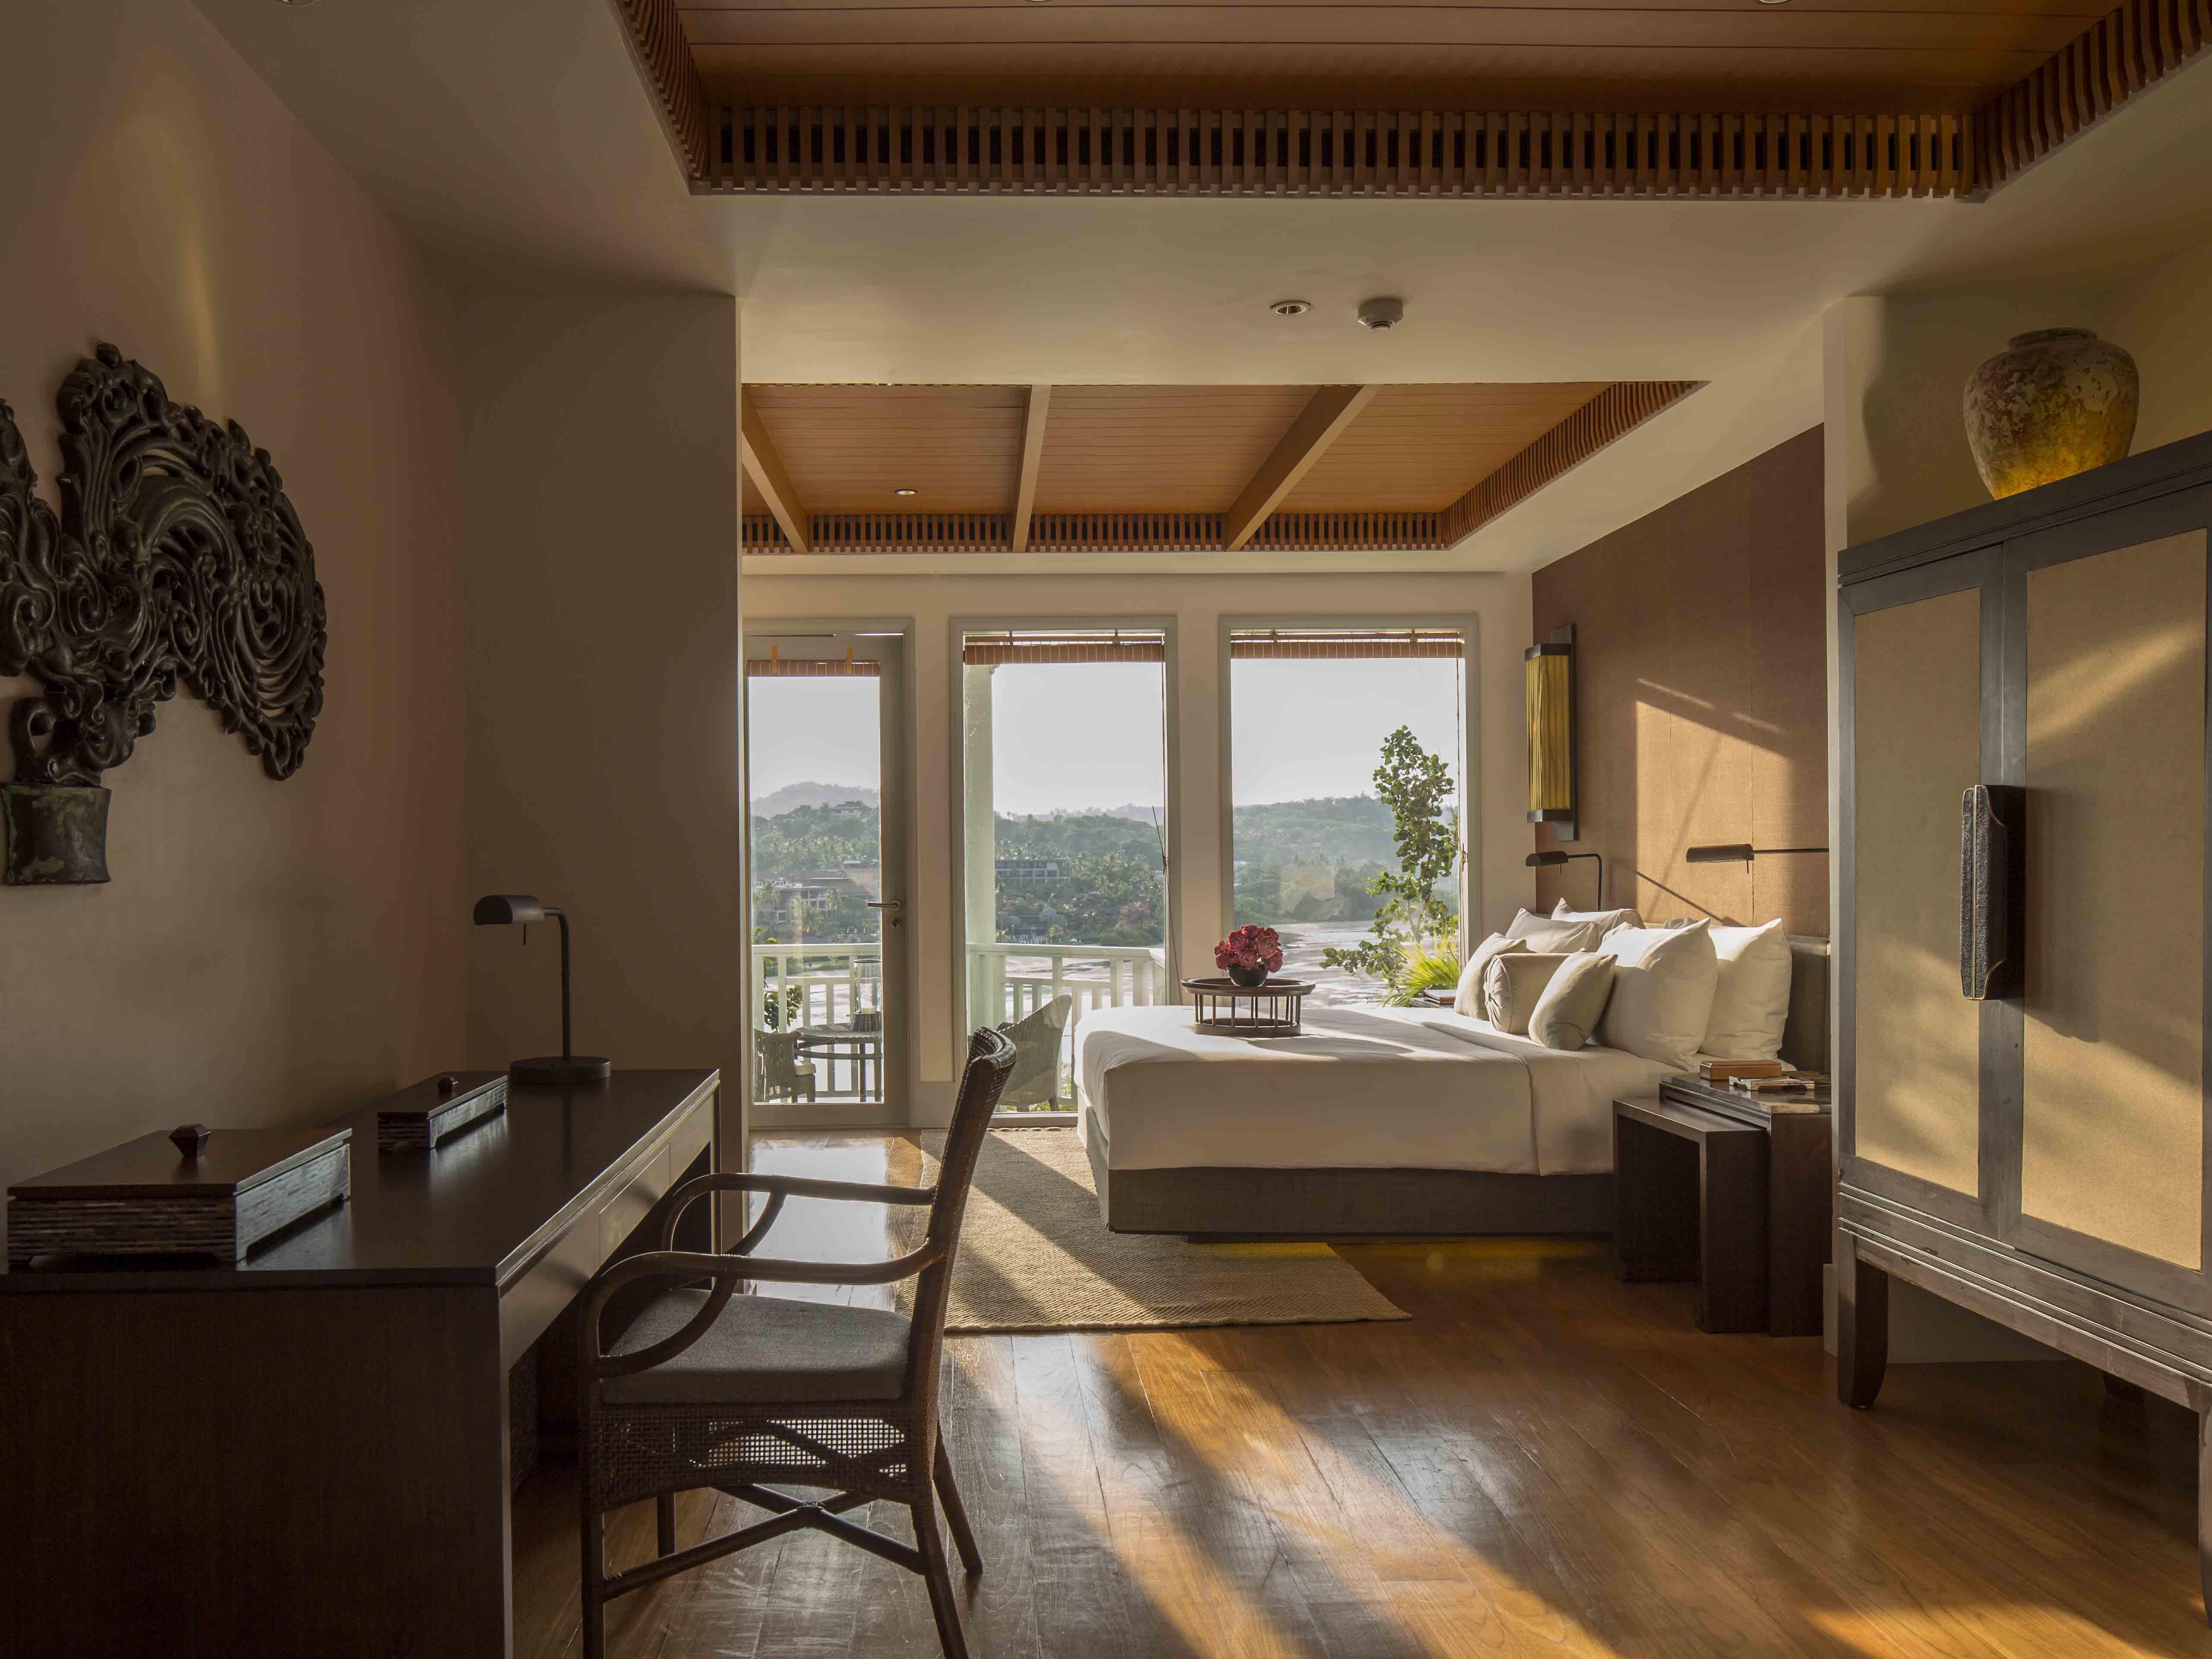 Amatara Wellness Resort Bay View Suite bedroom